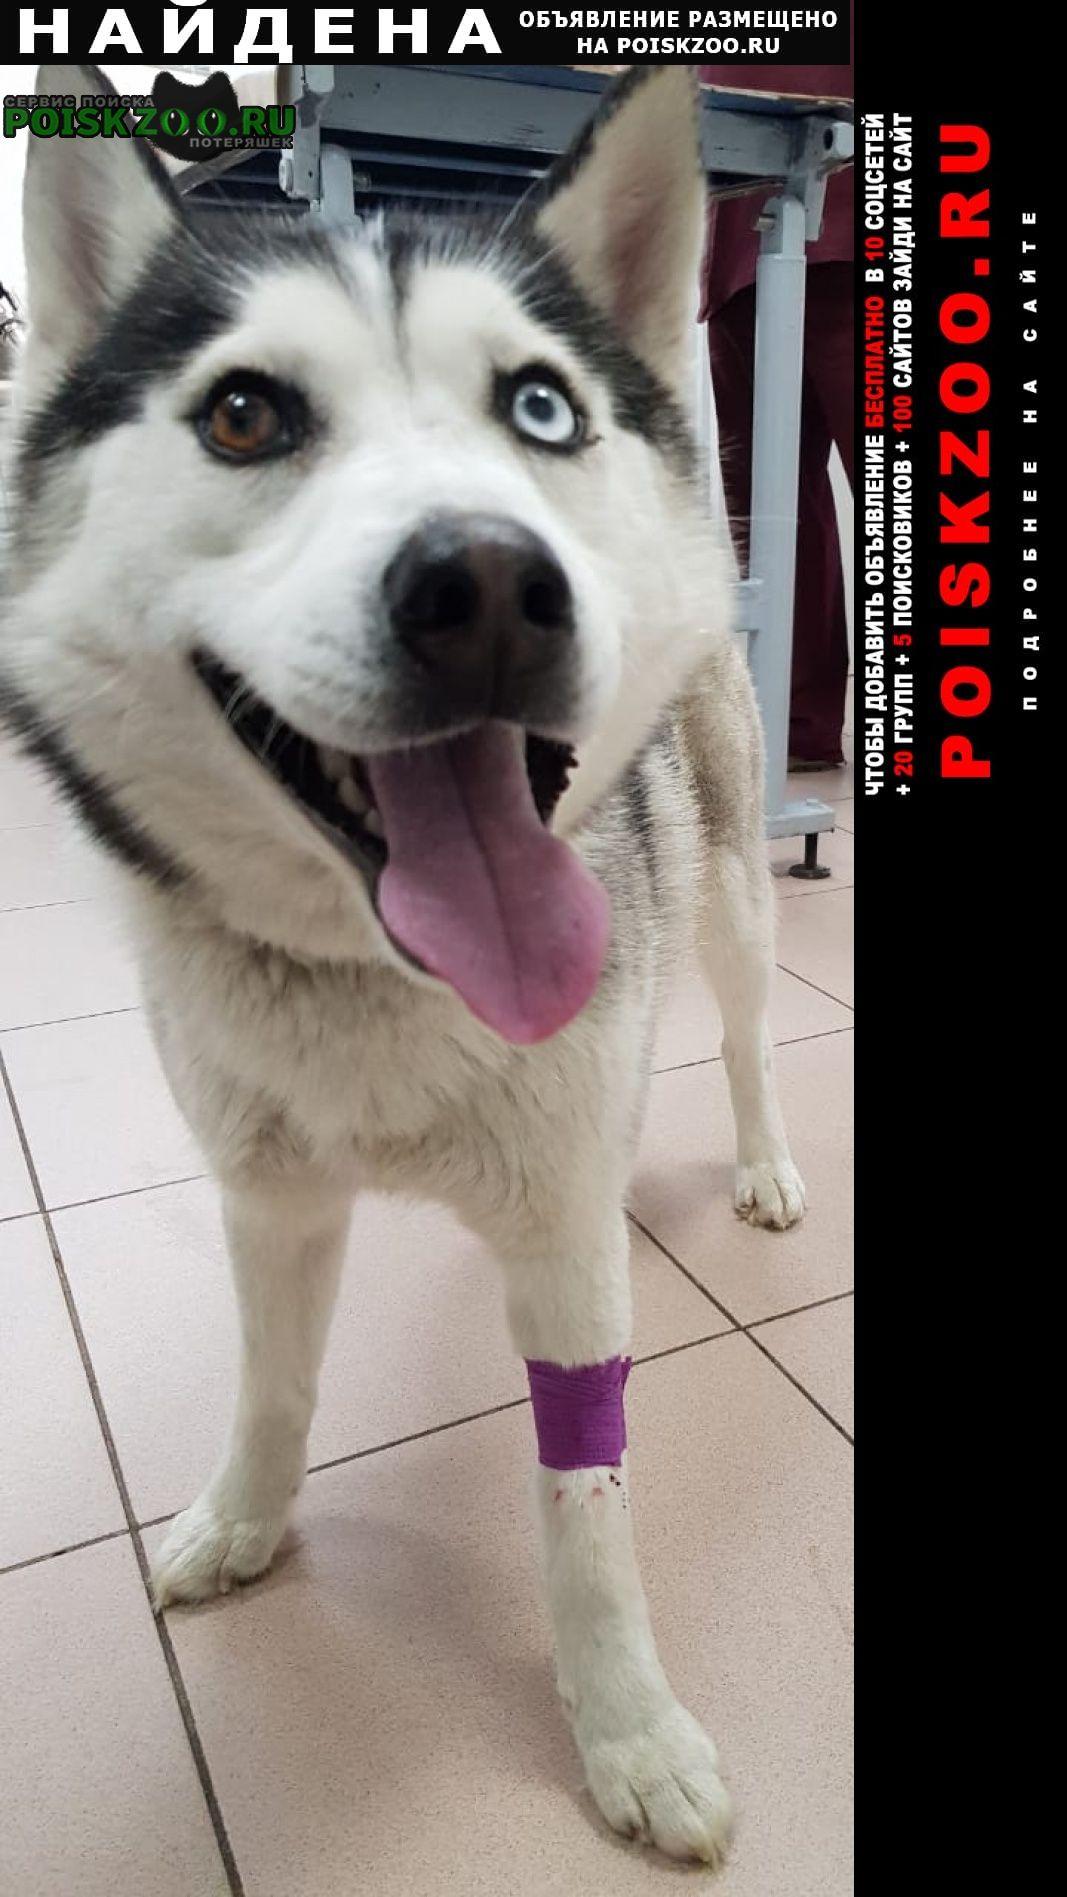 Найдена собака Ярославль